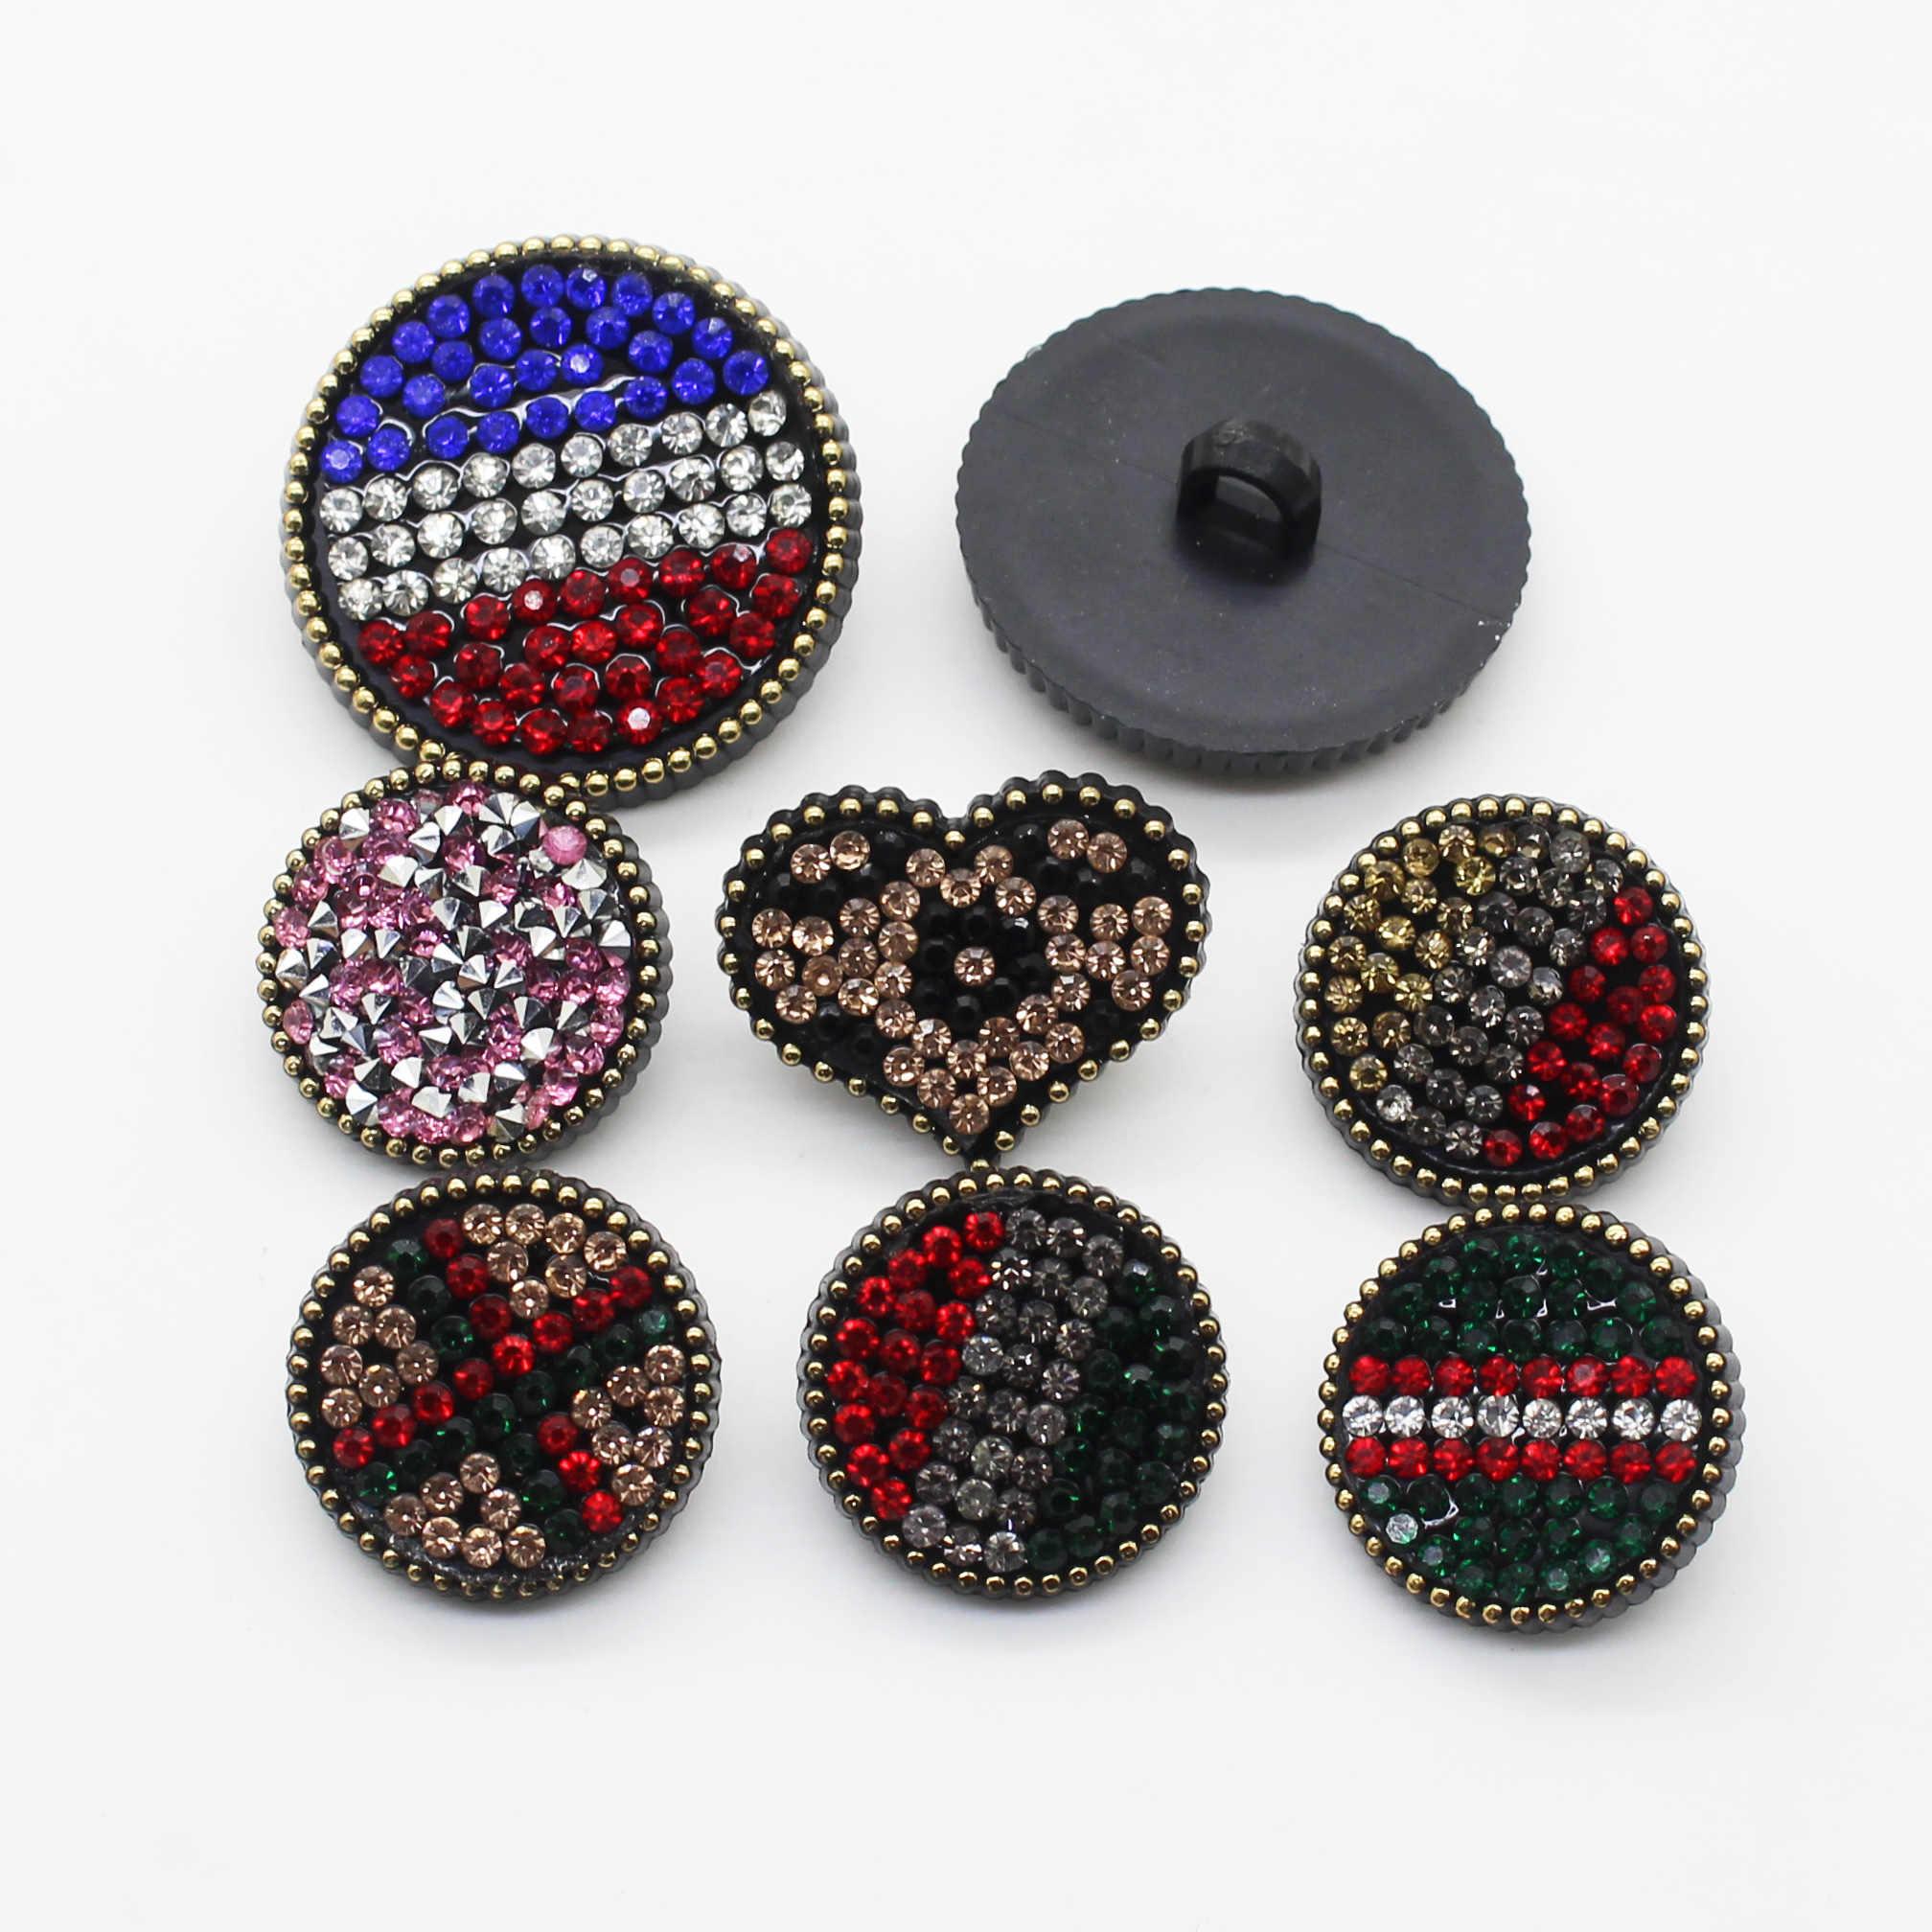 Prix spécial! 10 pièces de haute qualité résine strass boutons, vestes, vestes, chemises, costumes, bouton accessoires de couture